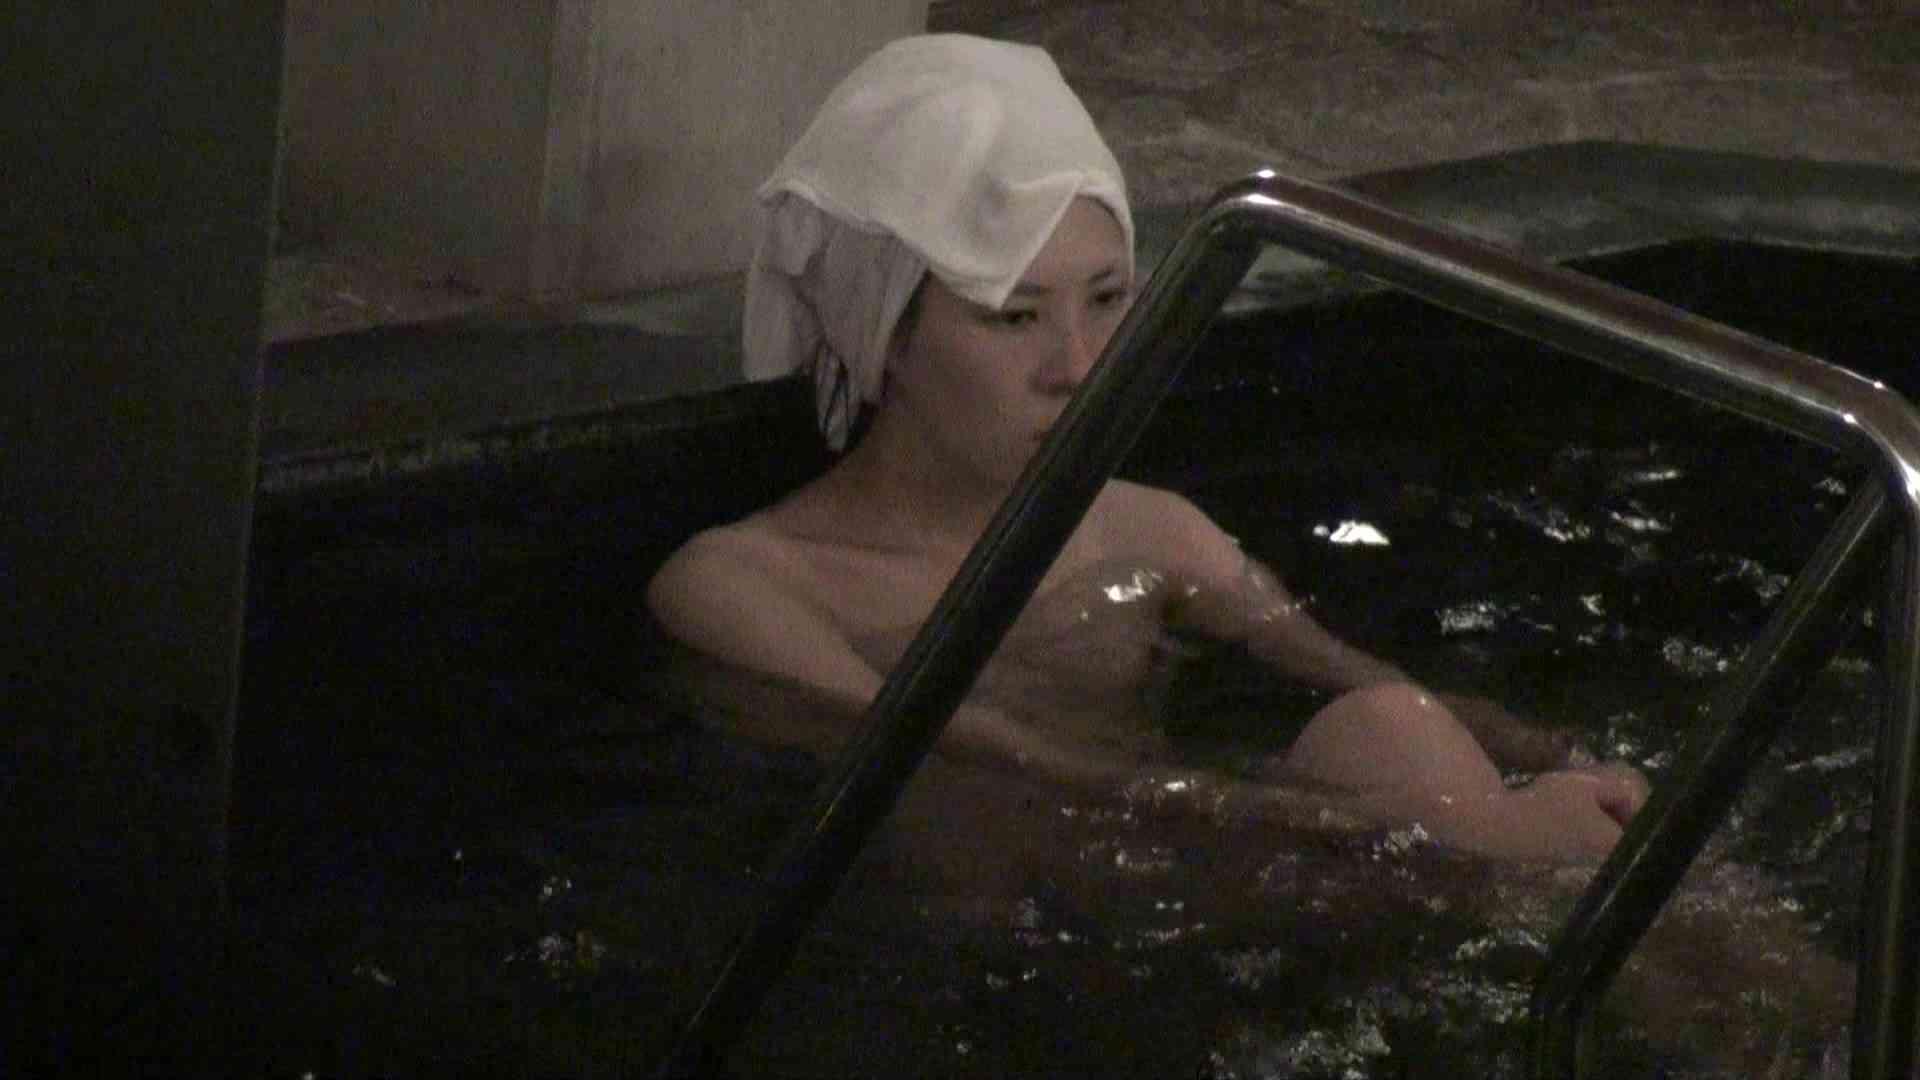 Aquaな露天風呂Vol.358 OLハメ撮り  54Pix 25